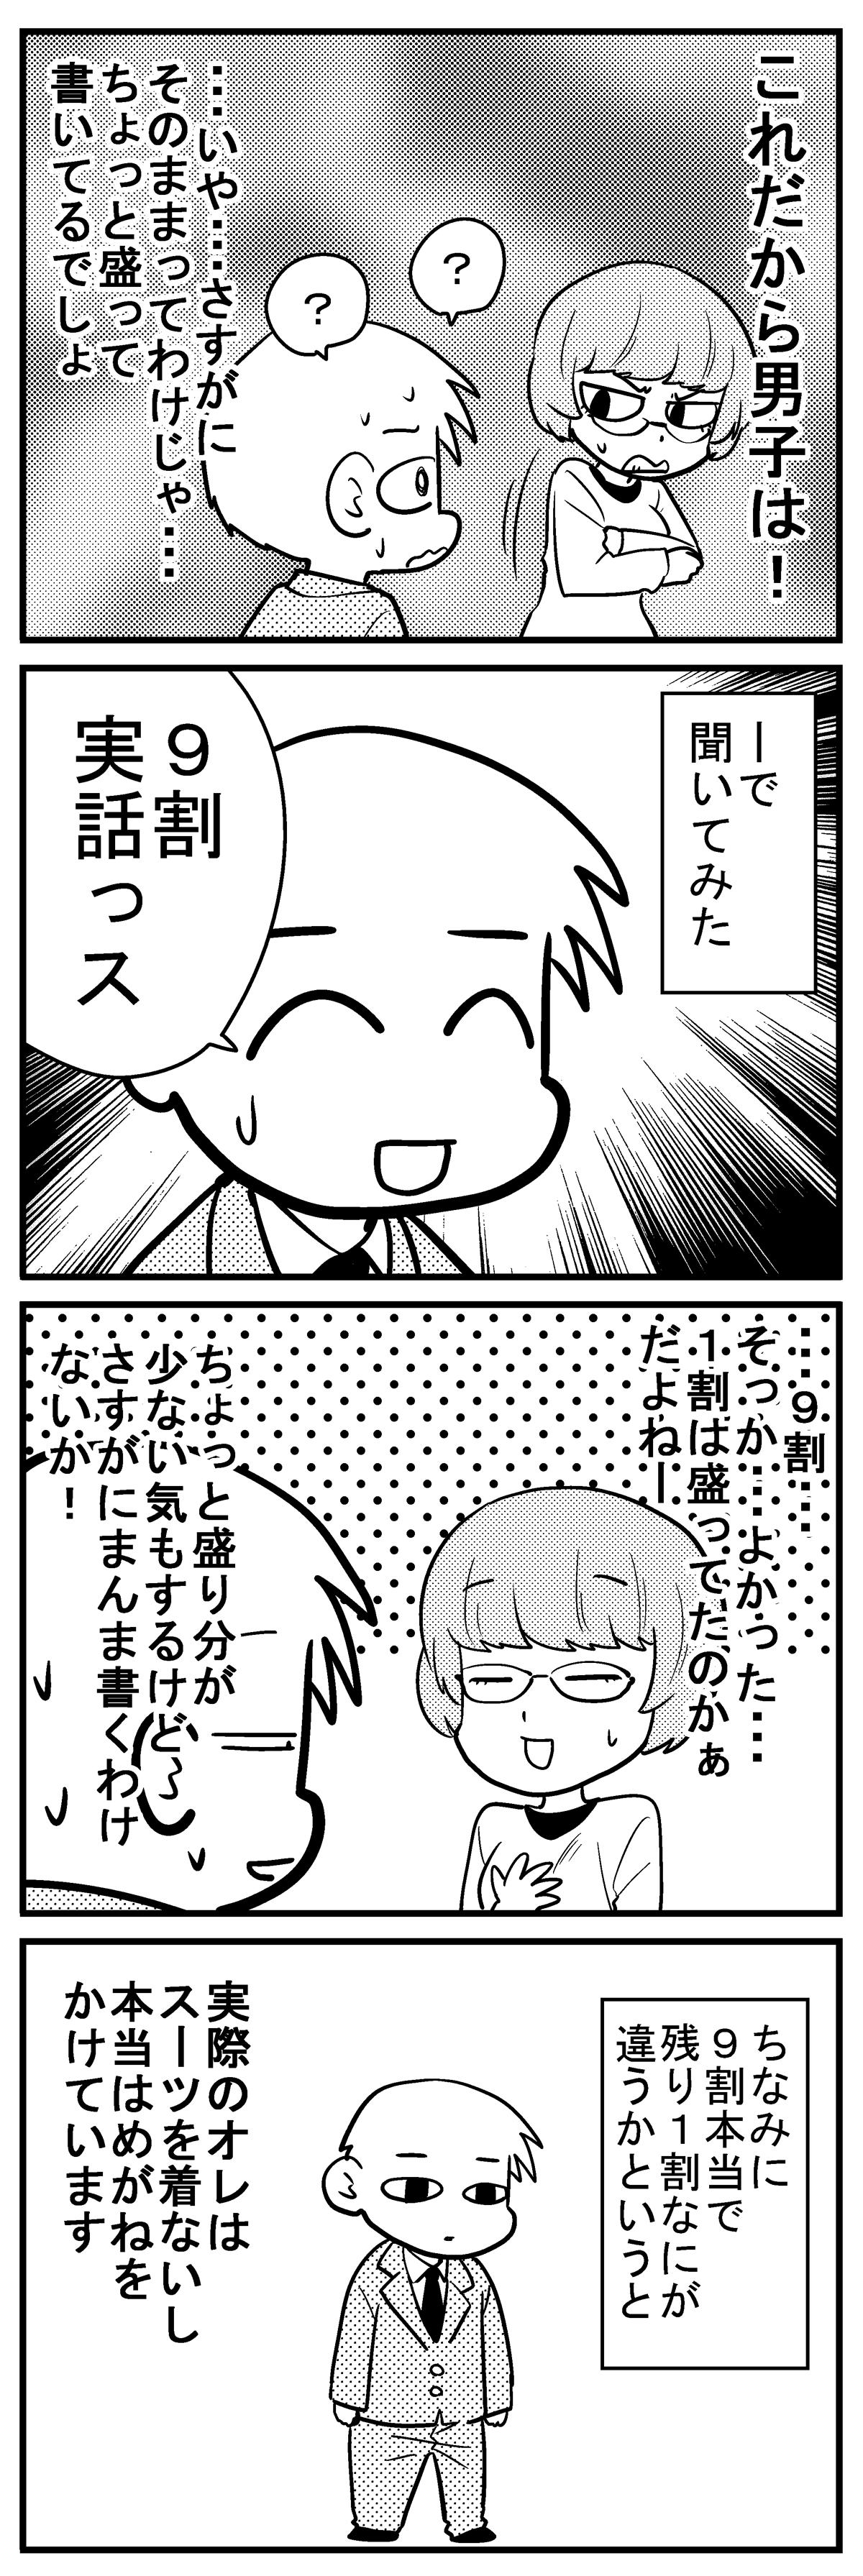 深読みくん51-2 (1)